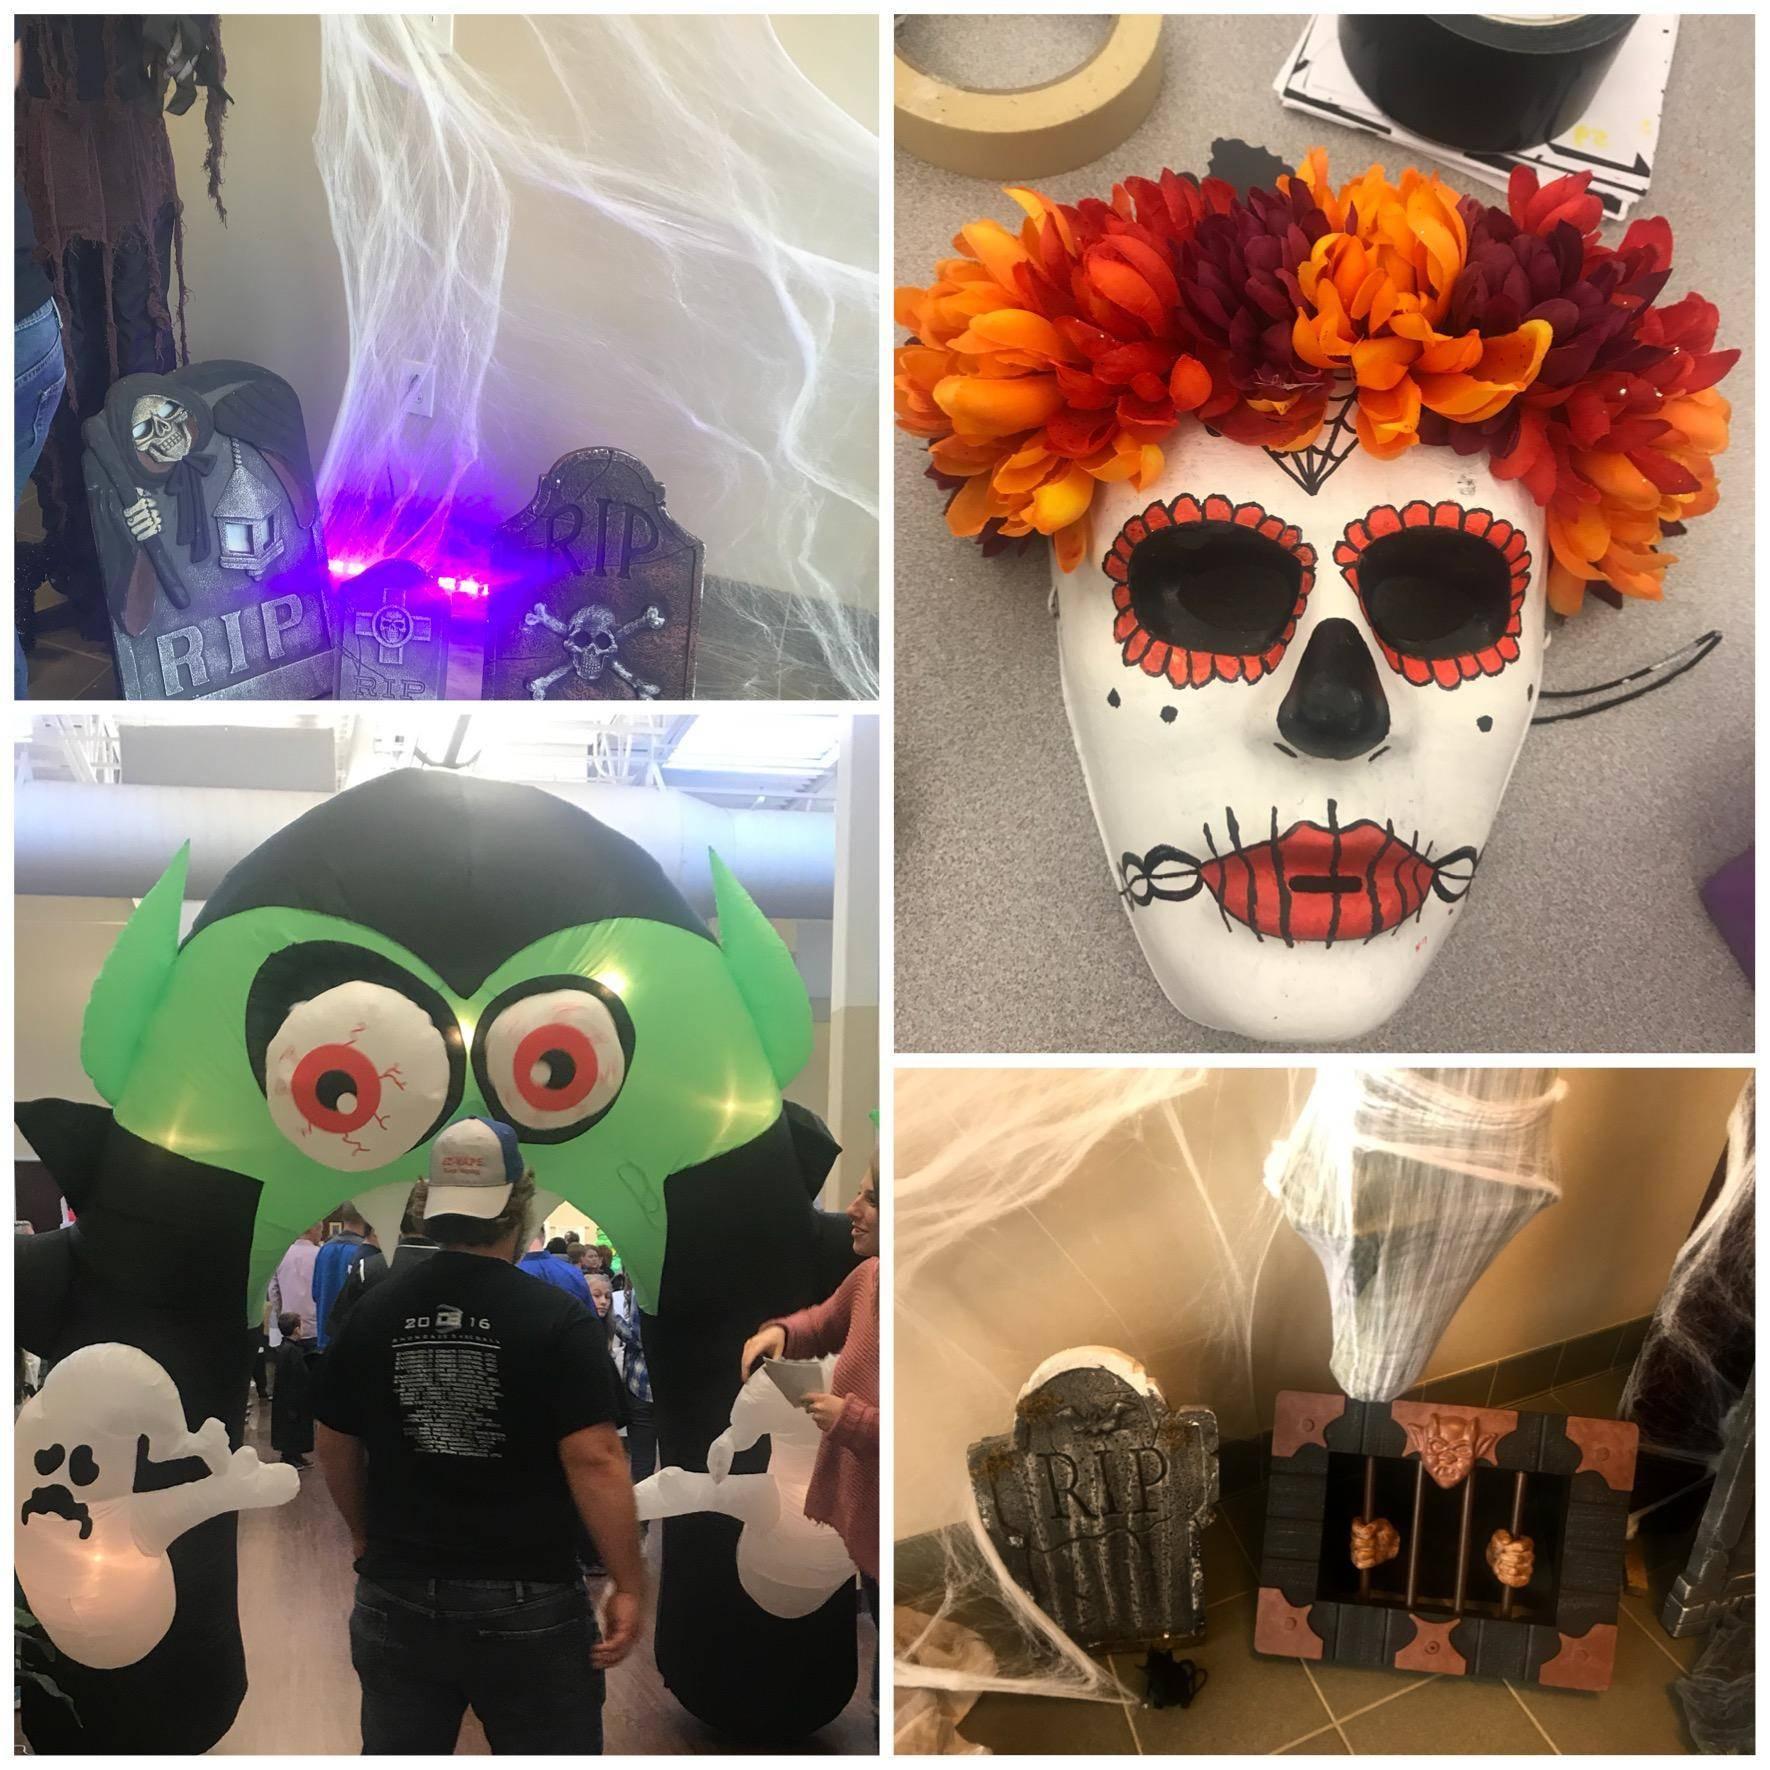 4 Photos of a holloween party